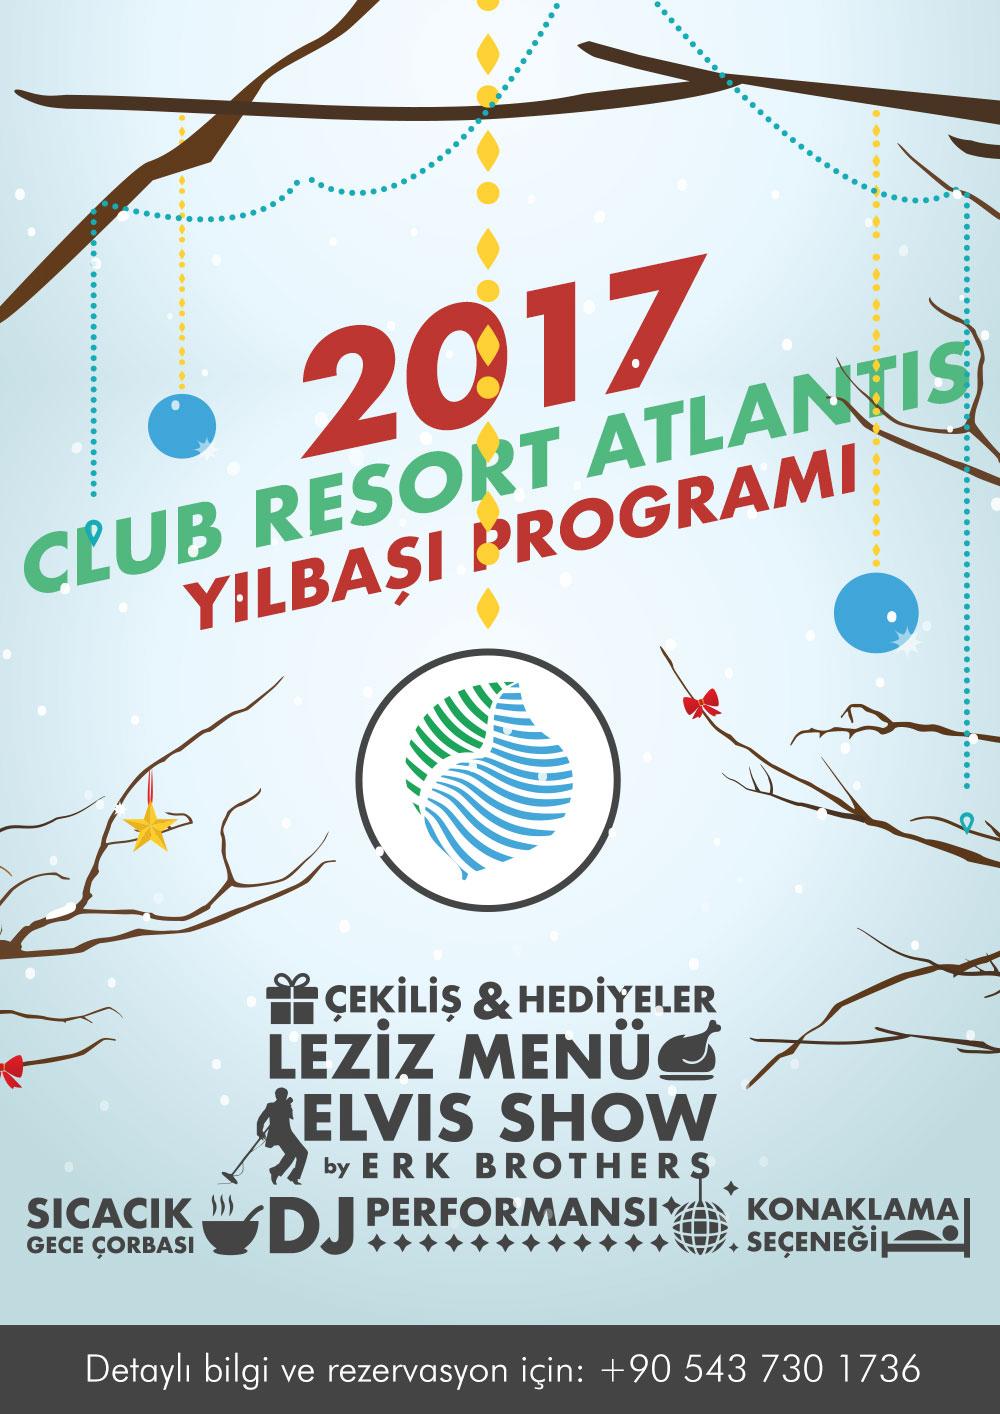 Club Resort Atlantis Yılbaşı Programı